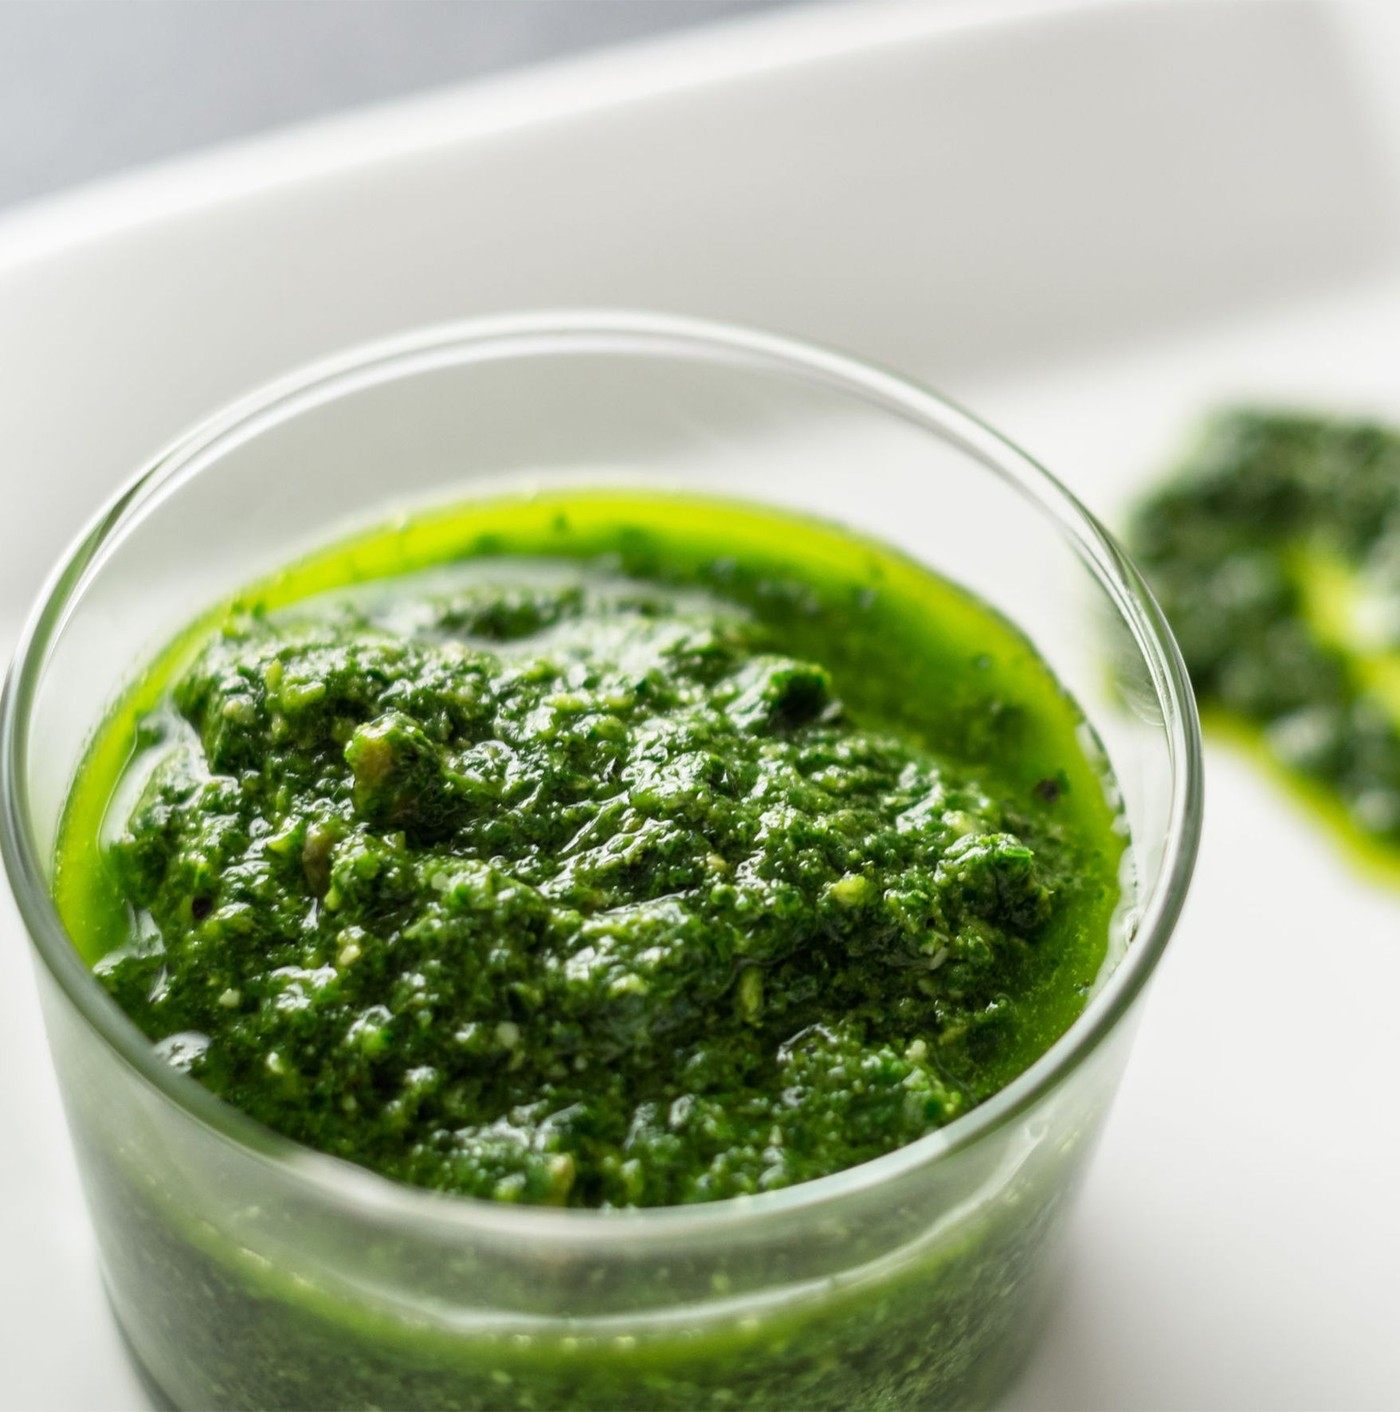 receta de Pesto Con Albahaca Genovesa Dop Y Pistacho